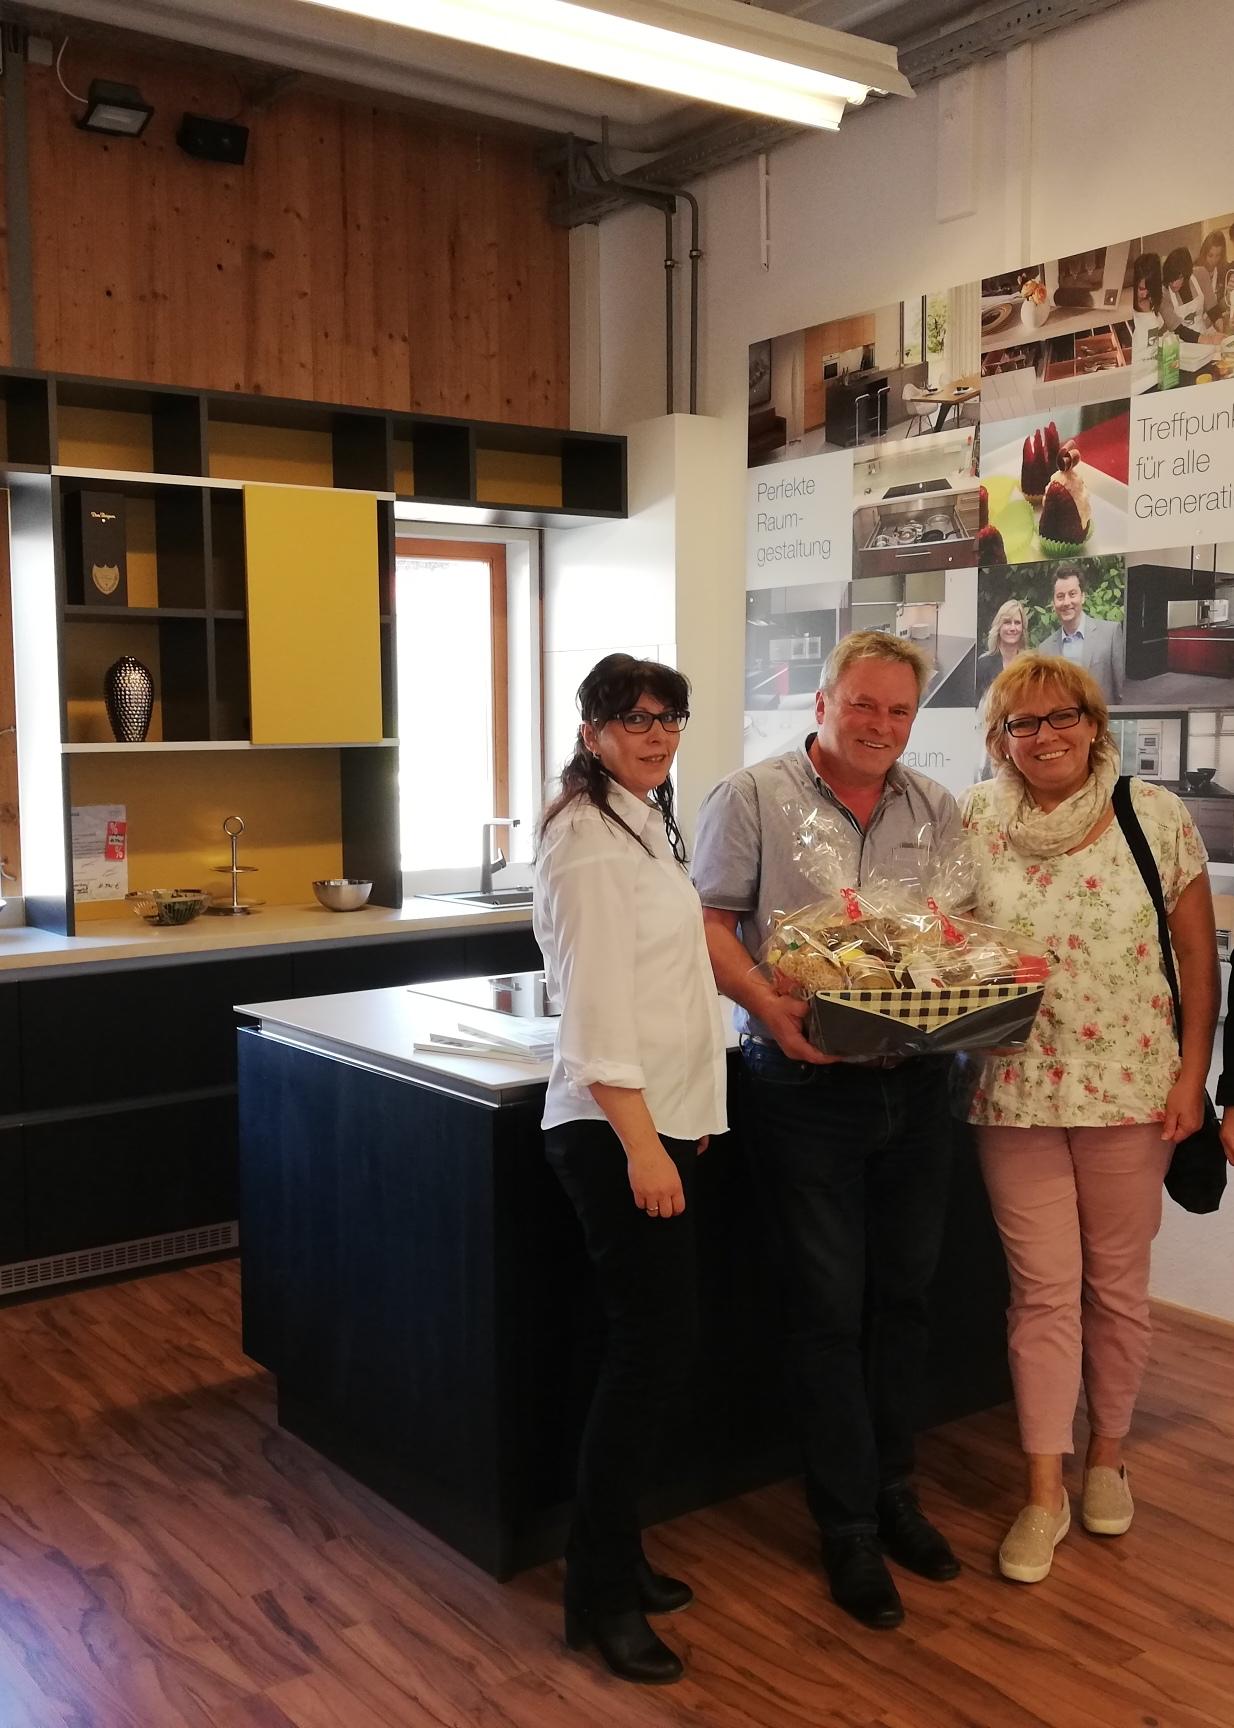 Familie Trost aus Dettingen kam zum Schausonntag und konnte von Gabi Stiefel vom Kundencenter mit einem Geschenkkorb als 1.500 Besucherin begrüßt werden.